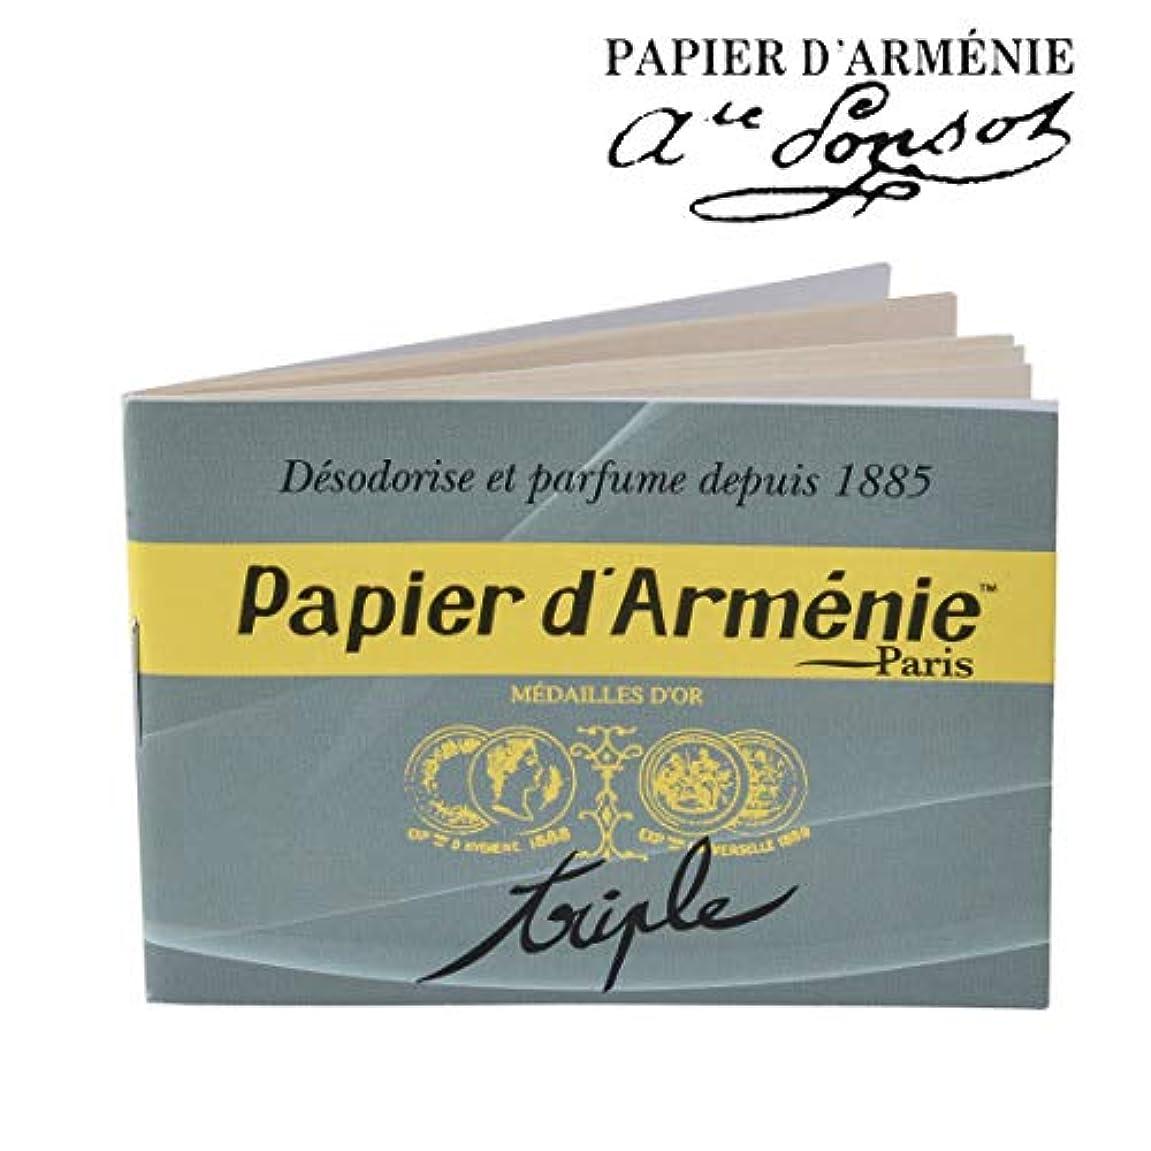 アフリカシプリーピアpapier d armenie パピエダルメニイ トリプル